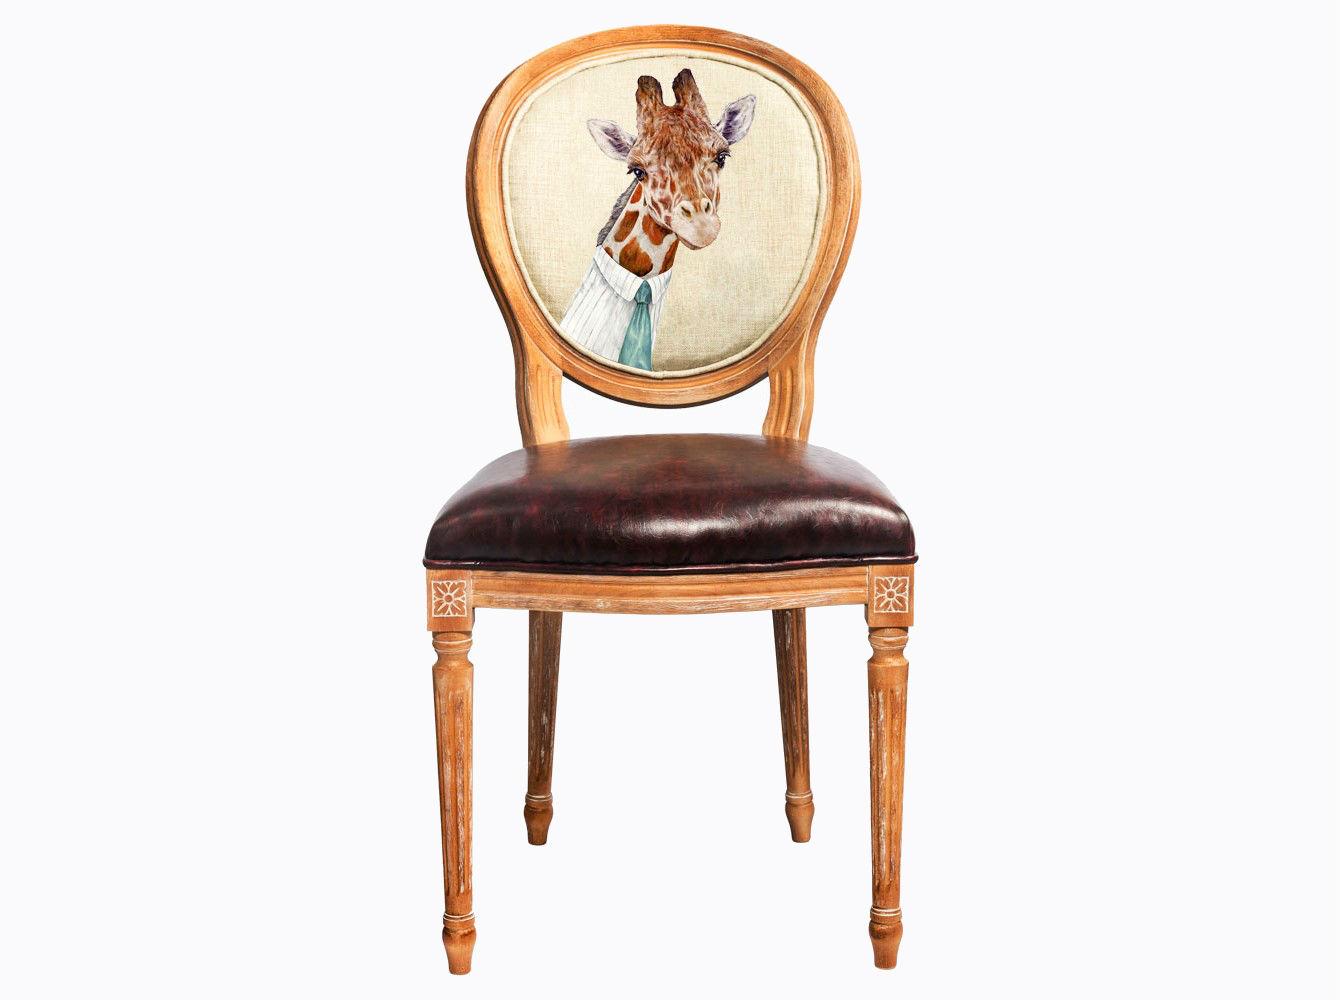 Стул «Мистер Сафари»Обеденные стулья<br>&amp;lt;div&amp;gt;Стул &amp;quot;Мистер Сафари&amp;quot; - интерьерный экспонат, достойный моментального восторга и страсти к коллекционированию. Густой шоколад сиденья заигрывает с натурально-светлым льном спинки, а благородный дворцовый корпус - с рисунком в жанре ультрамодного фэнтези.&amp;lt;/div&amp;gt;&amp;lt;div&amp;gt;Благородная фактура натурального дерева вселяют атмосферу тепла, спокойствия и уюта.&amp;lt;/div&amp;gt;&amp;lt;div&amp;gt;Стулья с овальными спинками - закон симметричной гармонии окружающего пространства.&amp;amp;nbsp;&amp;lt;/div&amp;gt;&amp;lt;div&amp;gt;&amp;lt;br&amp;gt;&amp;lt;/div&amp;gt;&amp;lt;div&amp;gt;Корпус стула изготовлен из натурального бука.&amp;amp;nbsp;&amp;lt;/div&amp;gt;Материал: бук, экокожа, лен, хлопок&amp;lt;div&amp;gt;&amp;lt;br&amp;gt;&amp;lt;div&amp;gt;&amp;lt;iframe width=&amp;quot;530&amp;quot; height=&amp;quot;315&amp;quot; src=&amp;quot;https://www.youtube.com/embed/3vitXSFtUrE&amp;quot; frameborder=&amp;quot;0&amp;quot; allowfullscreen=&amp;quot;&amp;quot;&amp;gt;&amp;lt;/iframe&amp;gt;&amp;lt;/div&amp;gt;&amp;lt;/div&amp;gt;<br><br>Material: Дерево<br>Ширина см: 47<br>Высота см: 98<br>Глубина см: 50